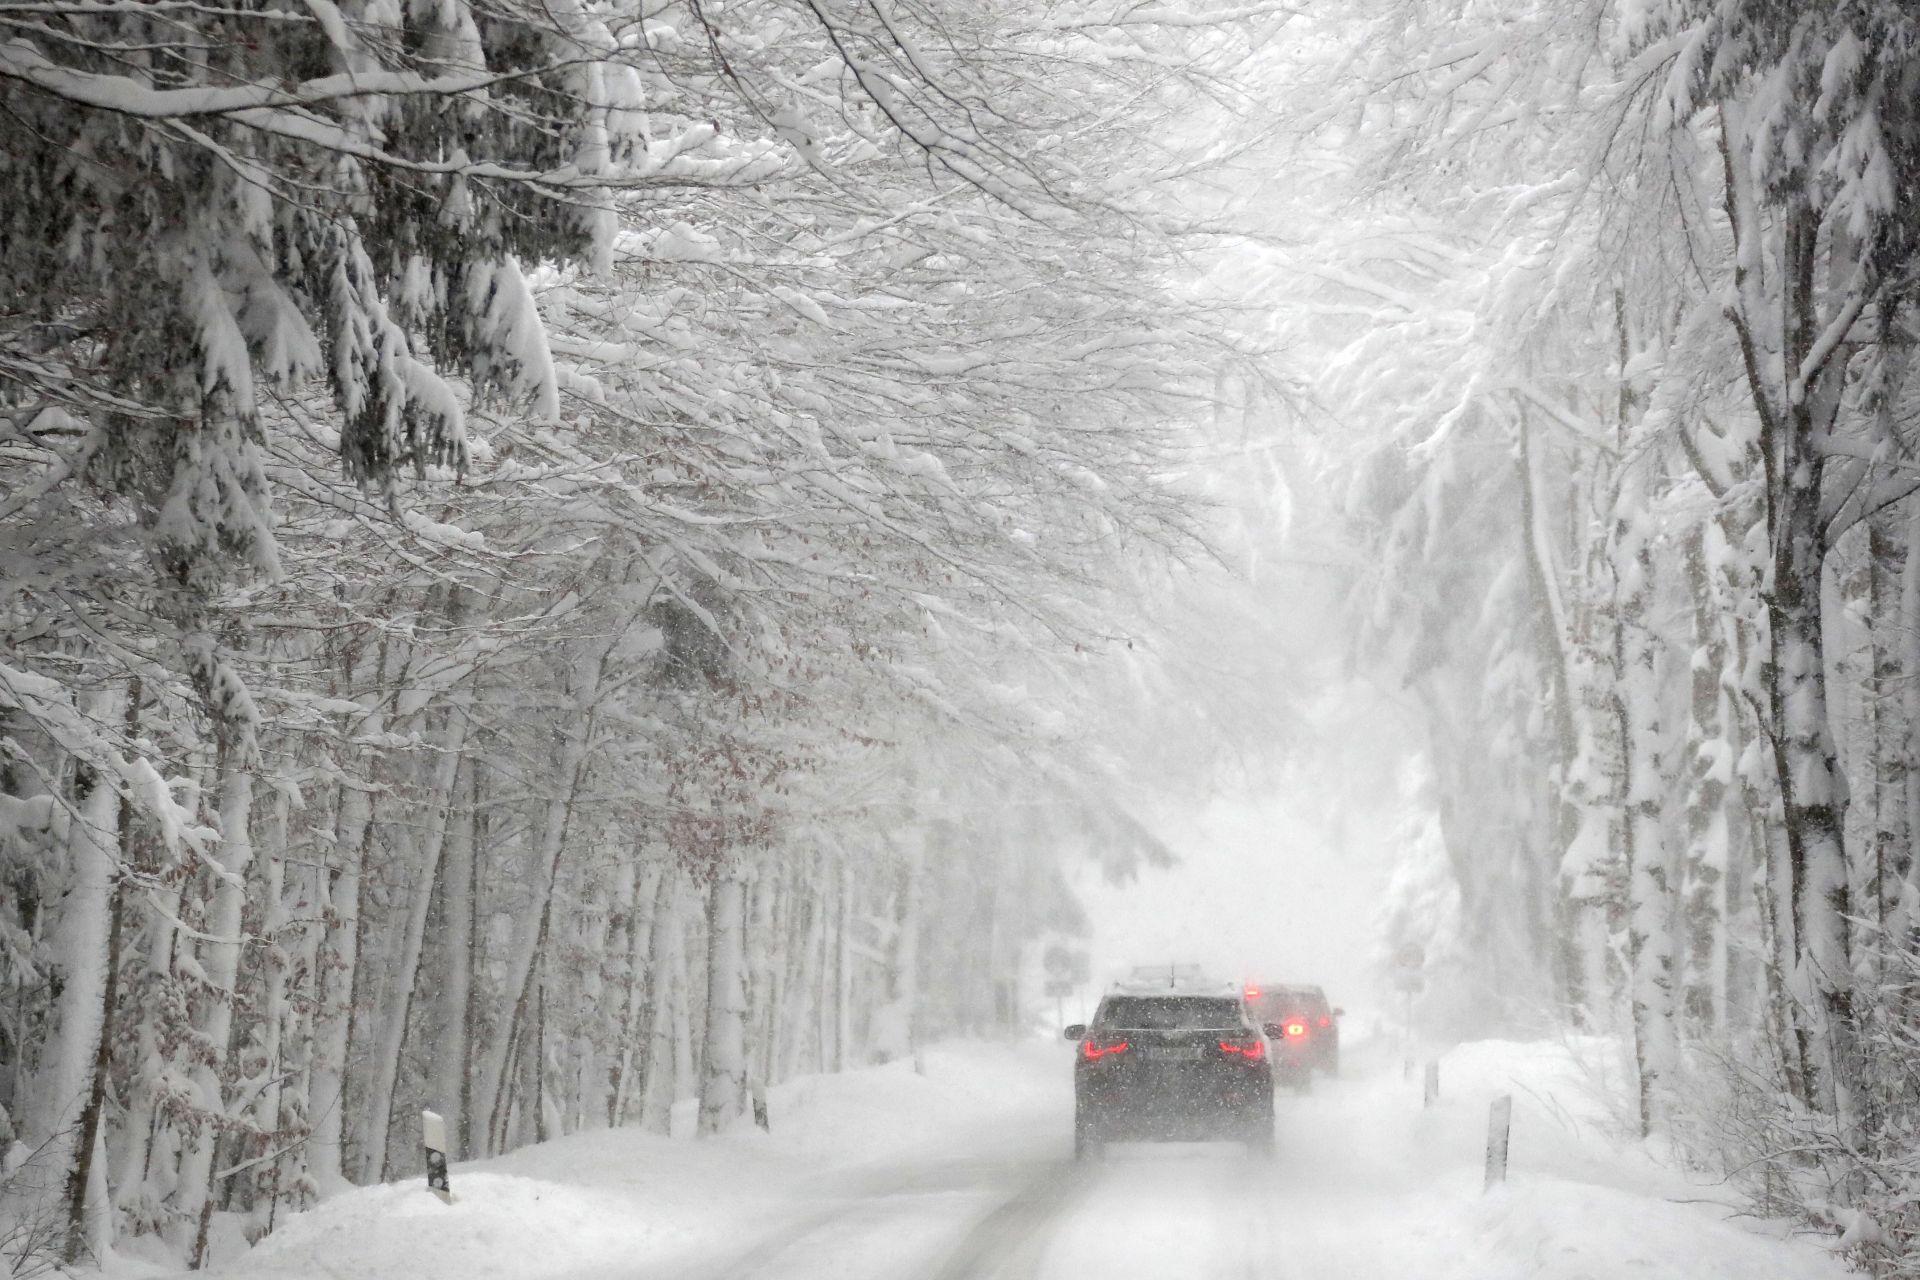 Автомобили се движат по леден път след силен снеговалеж около Иршенберг, южно от Мюнхен